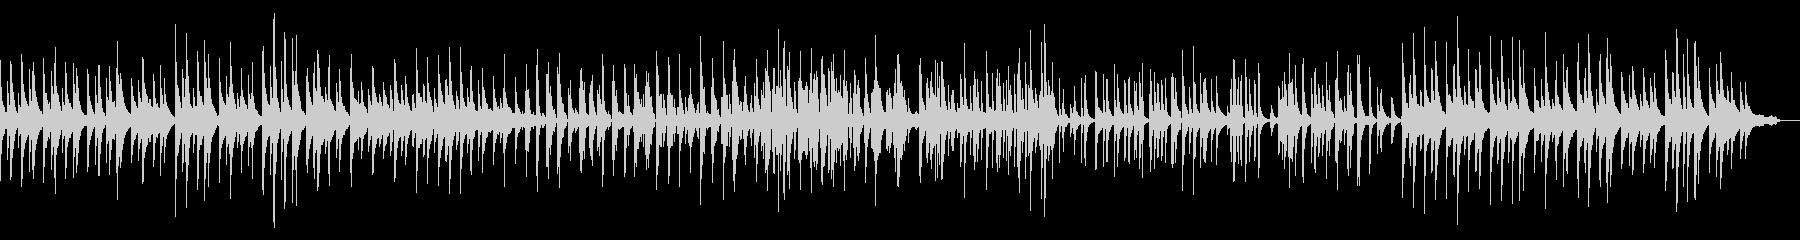 ピアノトリオ編成による静かなジャズワルツの未再生の波形